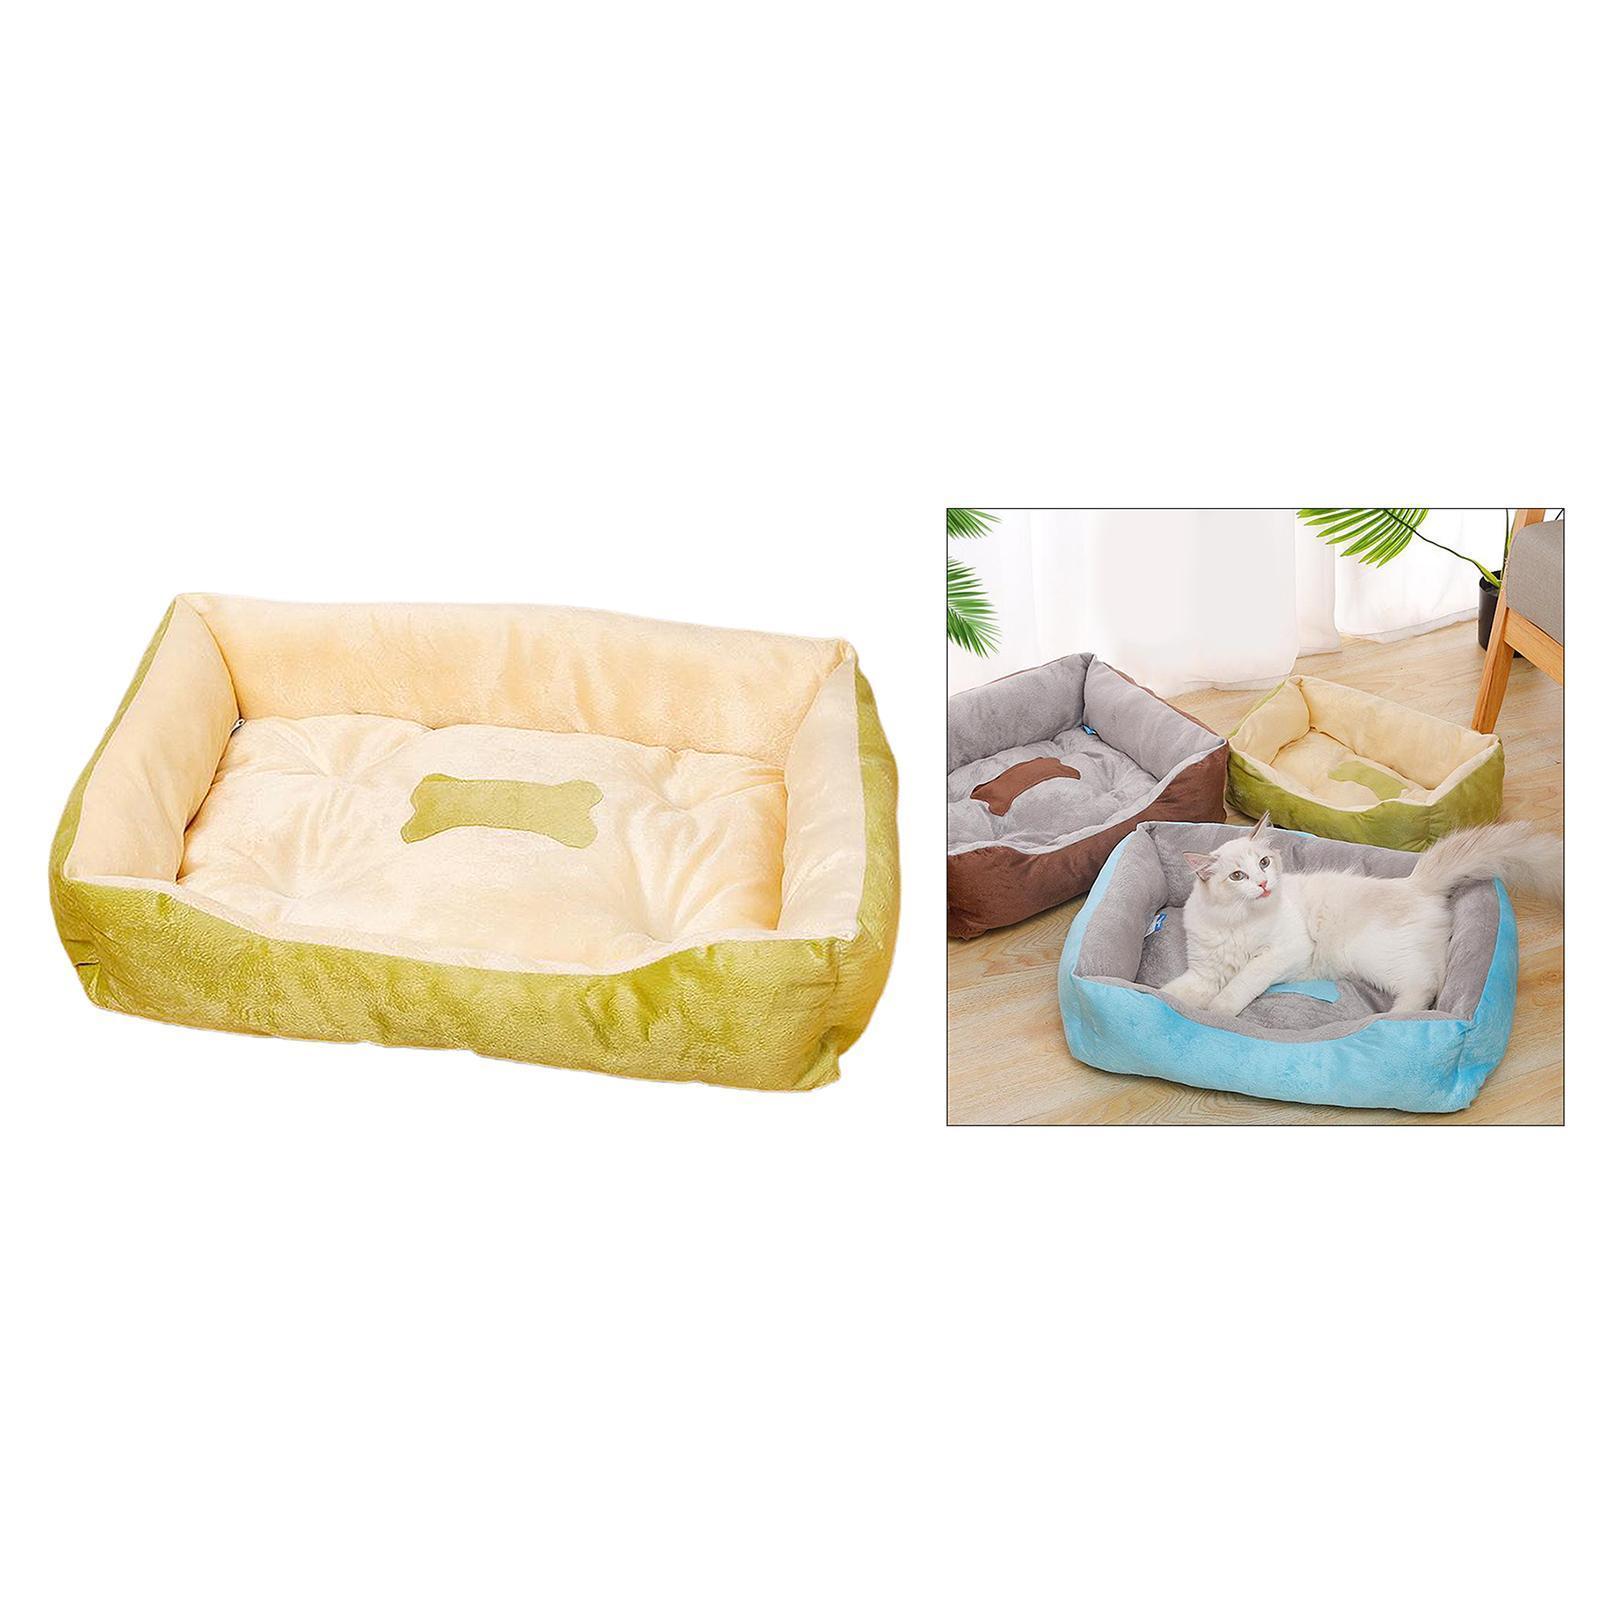 Indexbild 4 - Katze-Hund-Bett-Pet-Kissen-Betten-Haus-Schlaf-Soft-Warmen-Zwinger-Decke-Nest